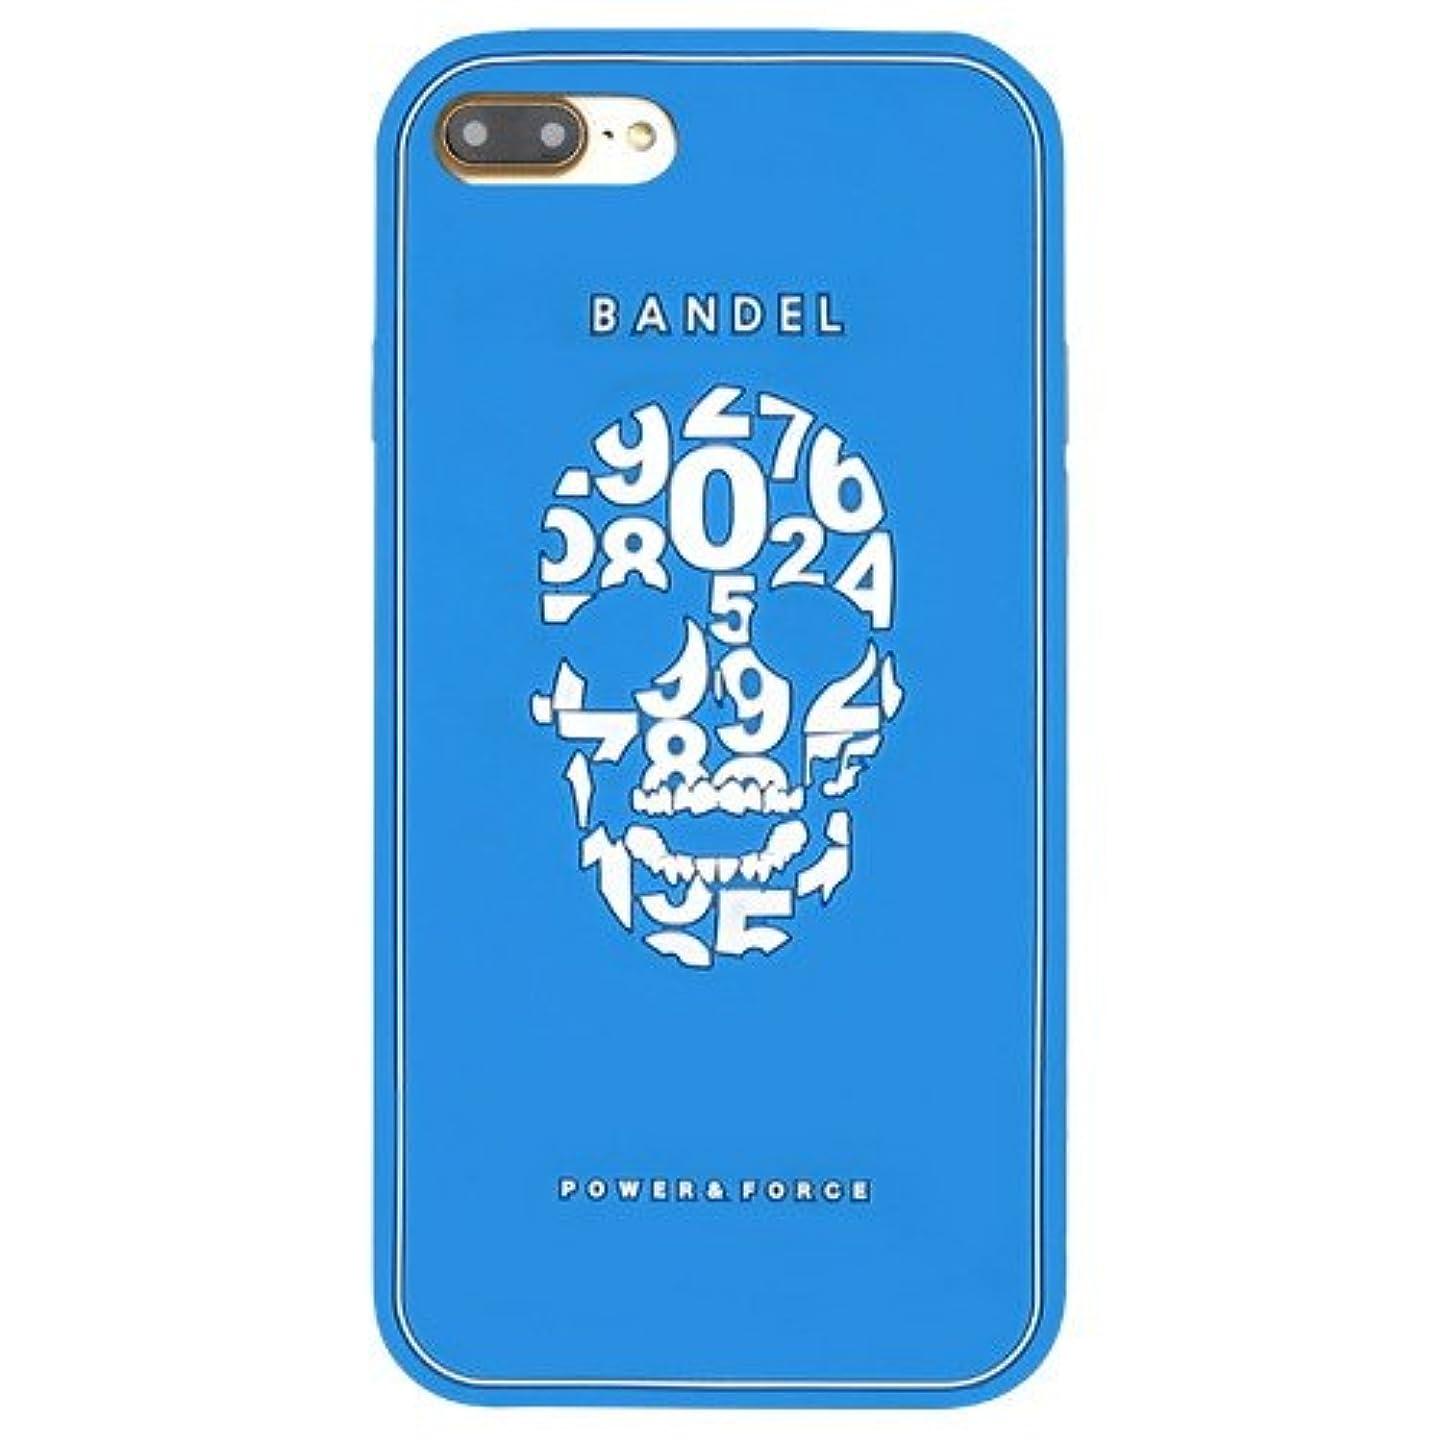 ピアノツイン抵抗力があるバンデル(BANDEL) スカル iPhone 7 Plus専用 シリコンケース [ブルー]